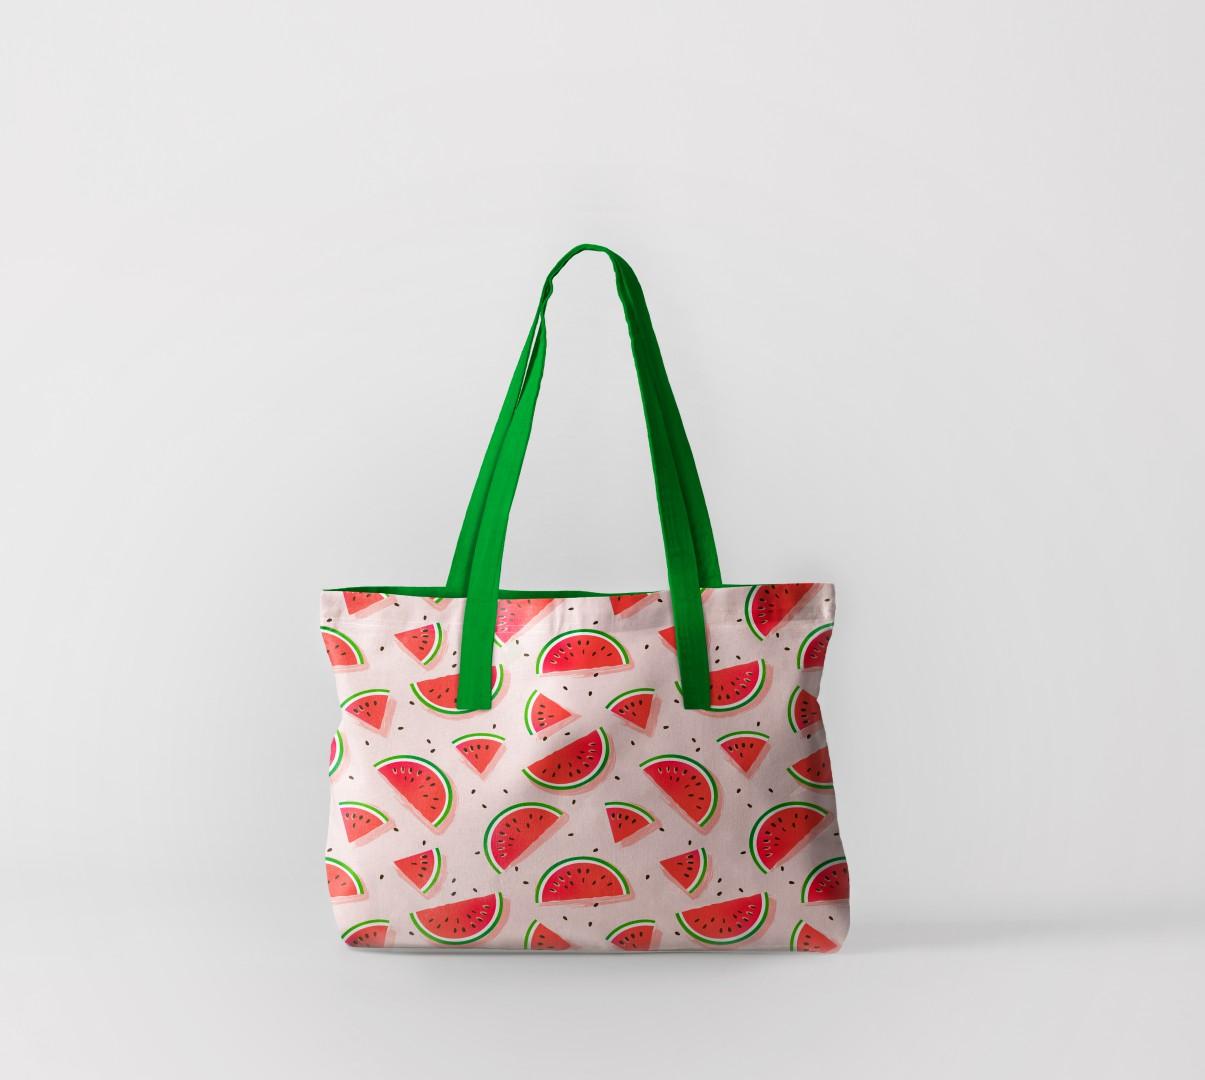 Пляжная сумка Дольки арбузов 2 (50х40 см) Олимп Текстиль oli732567